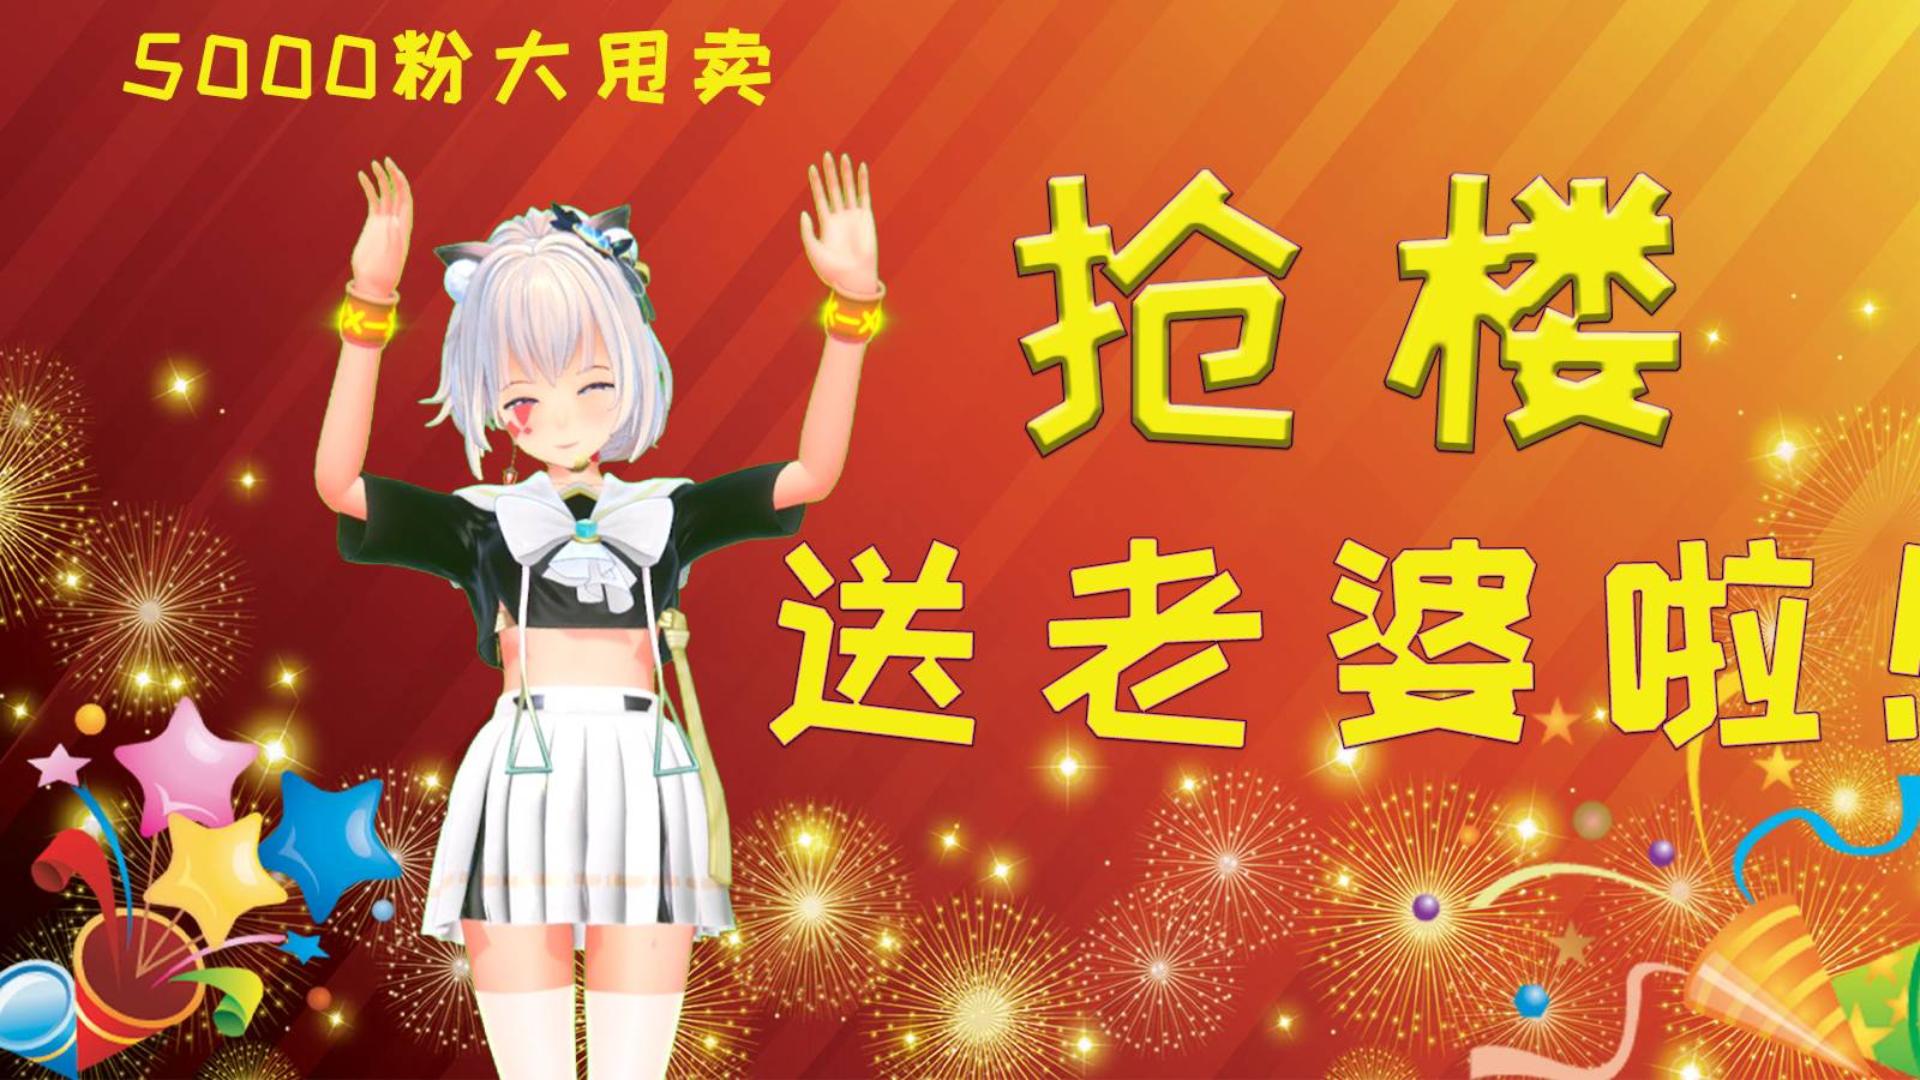 【五千粉感谢视频】半碗粉!抢变形金刚小啾啦!